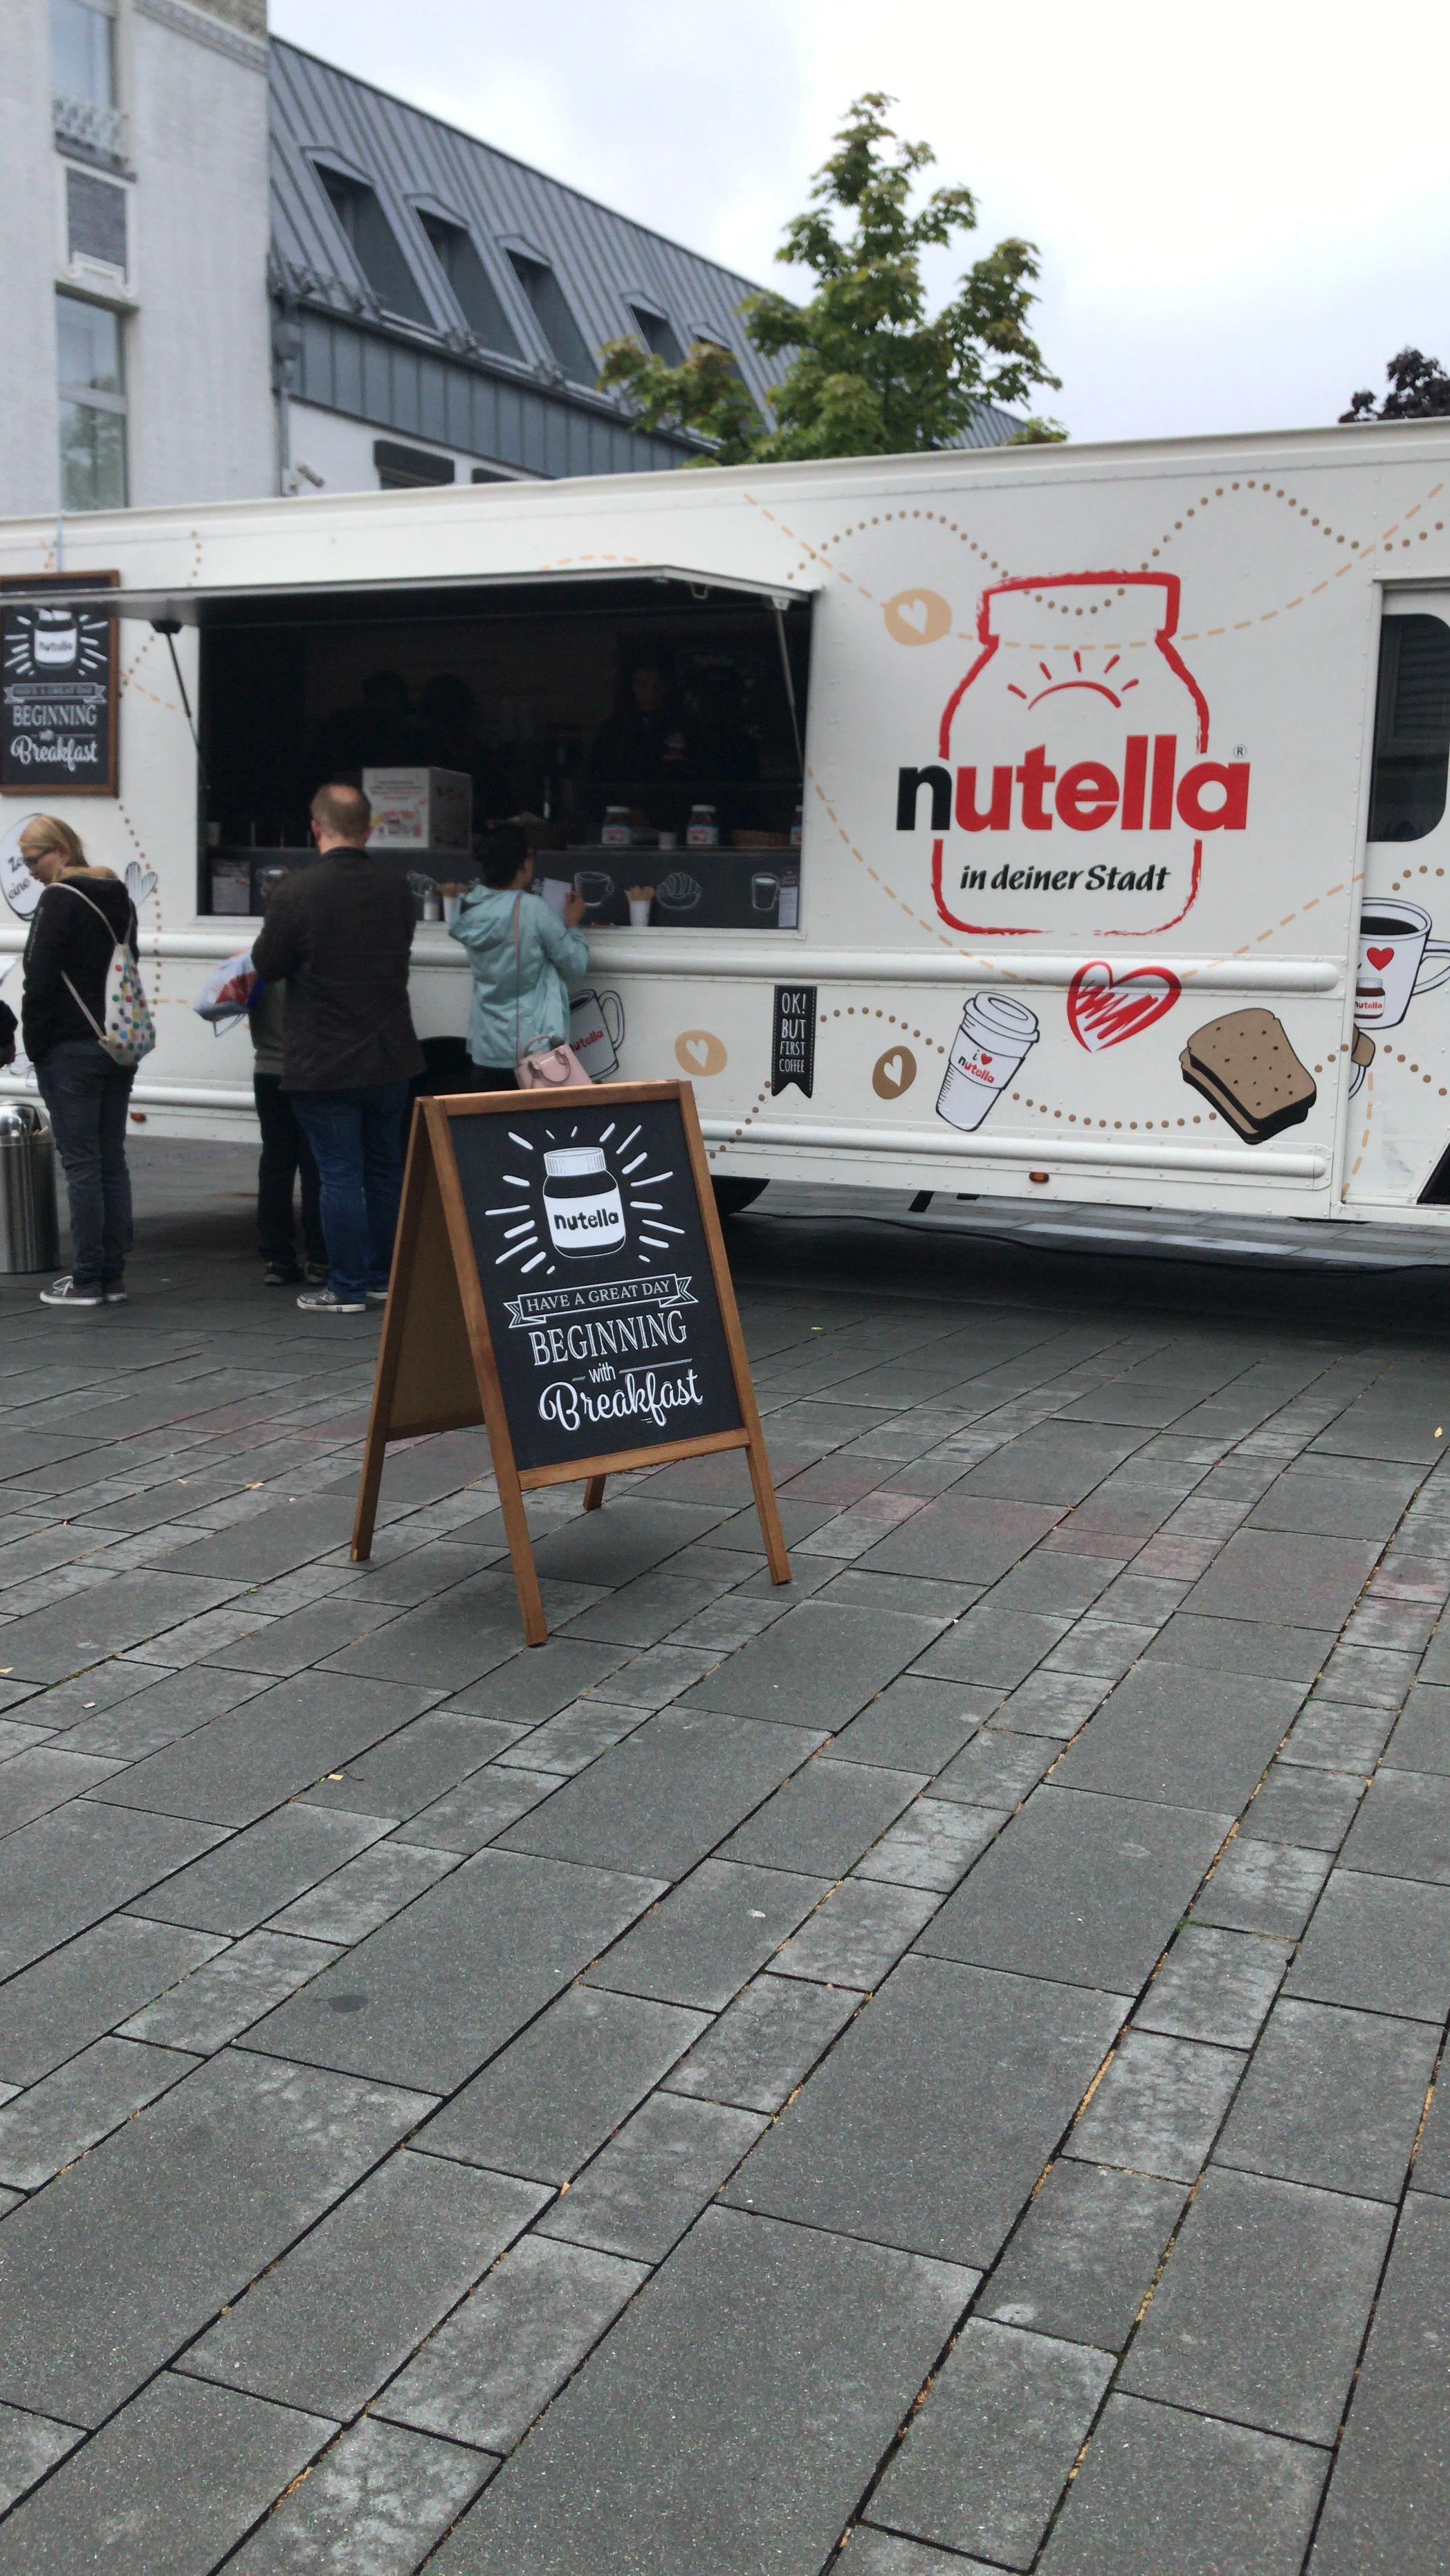 (Lokal) Bergisch Gladbach kostenlos Nutella Brote und Kaffee-Spezialitäten - Nutella Truck